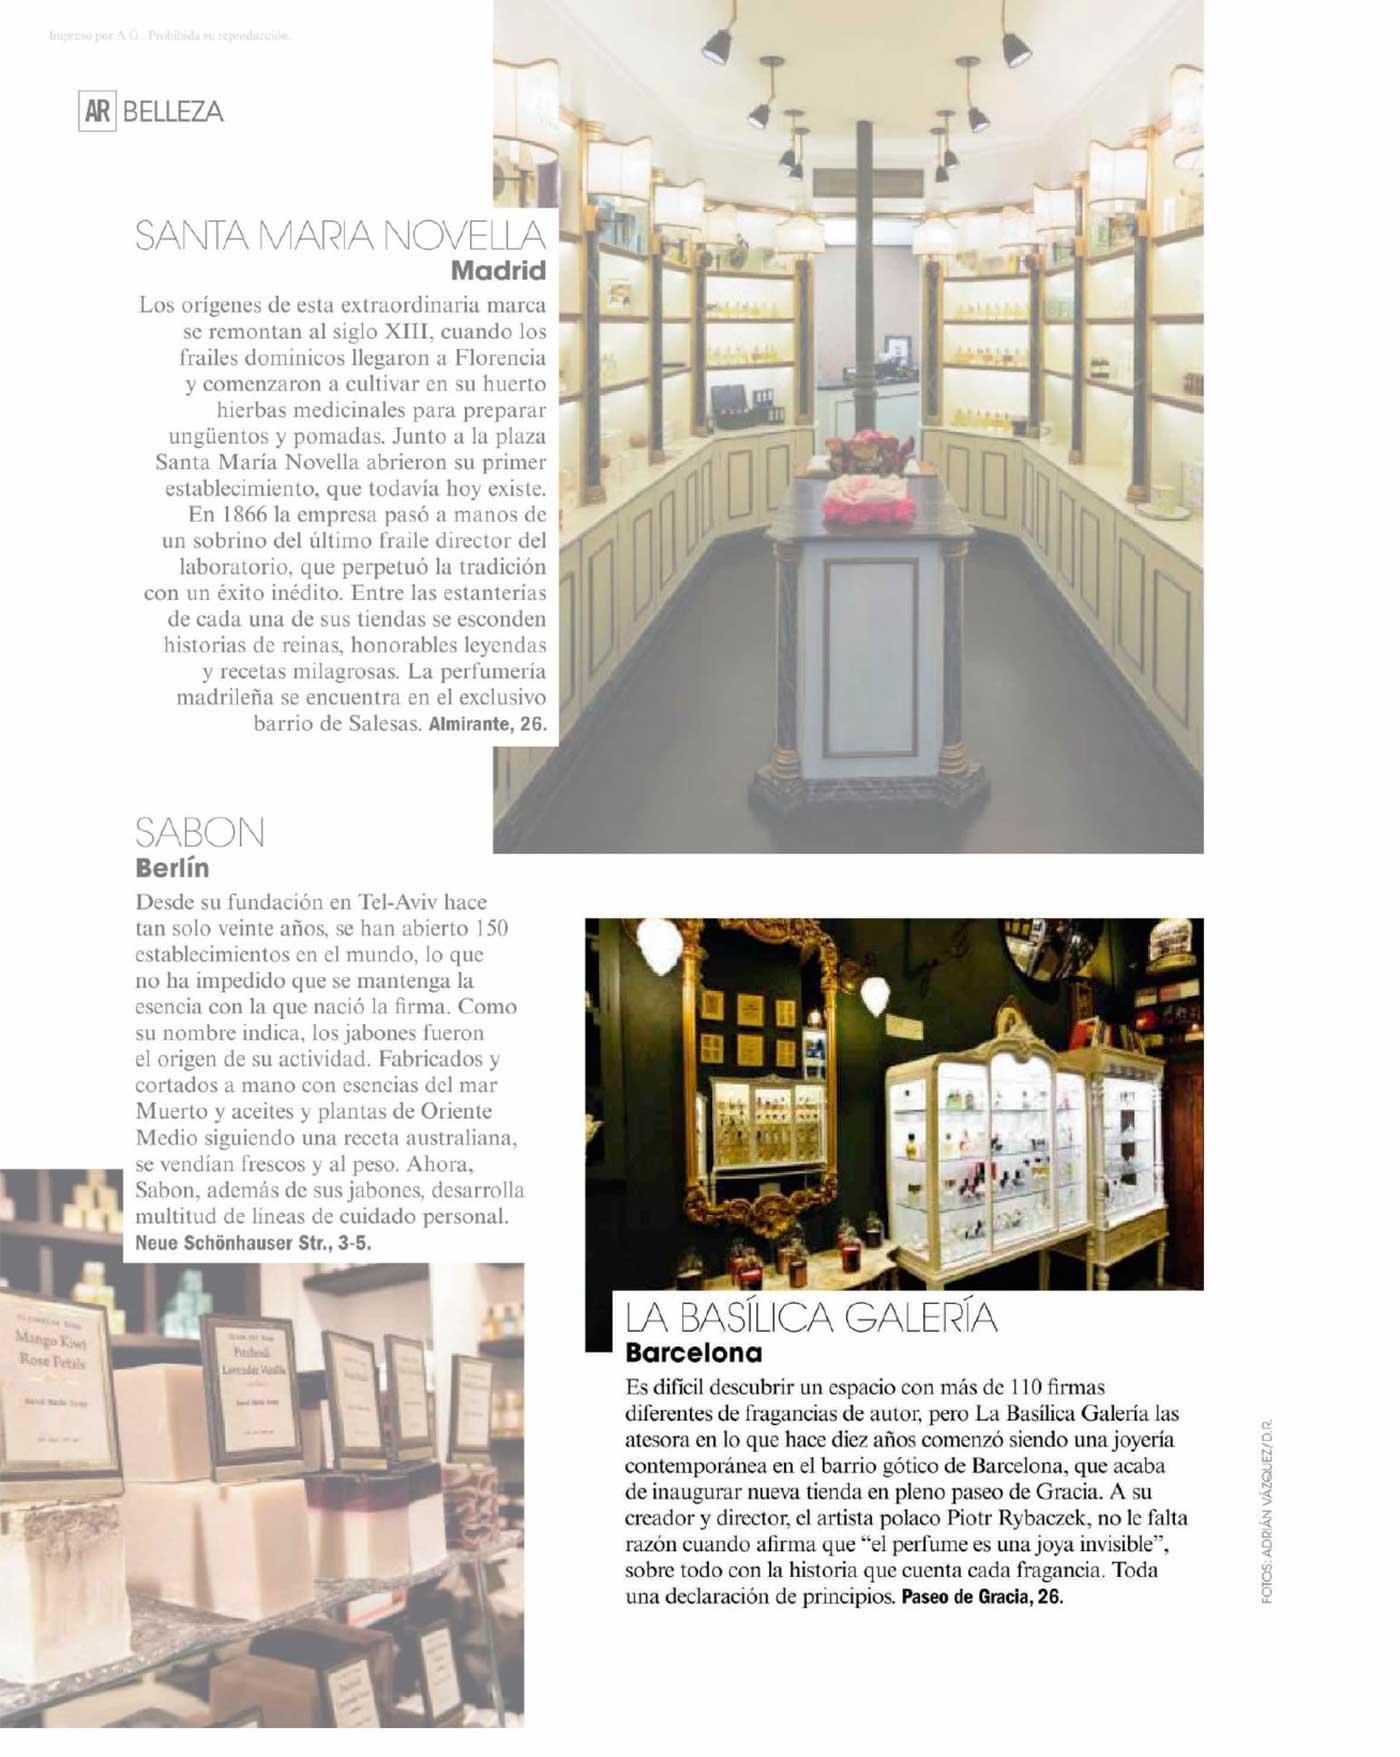 la basilica galeria en la revista de Ana Rosa